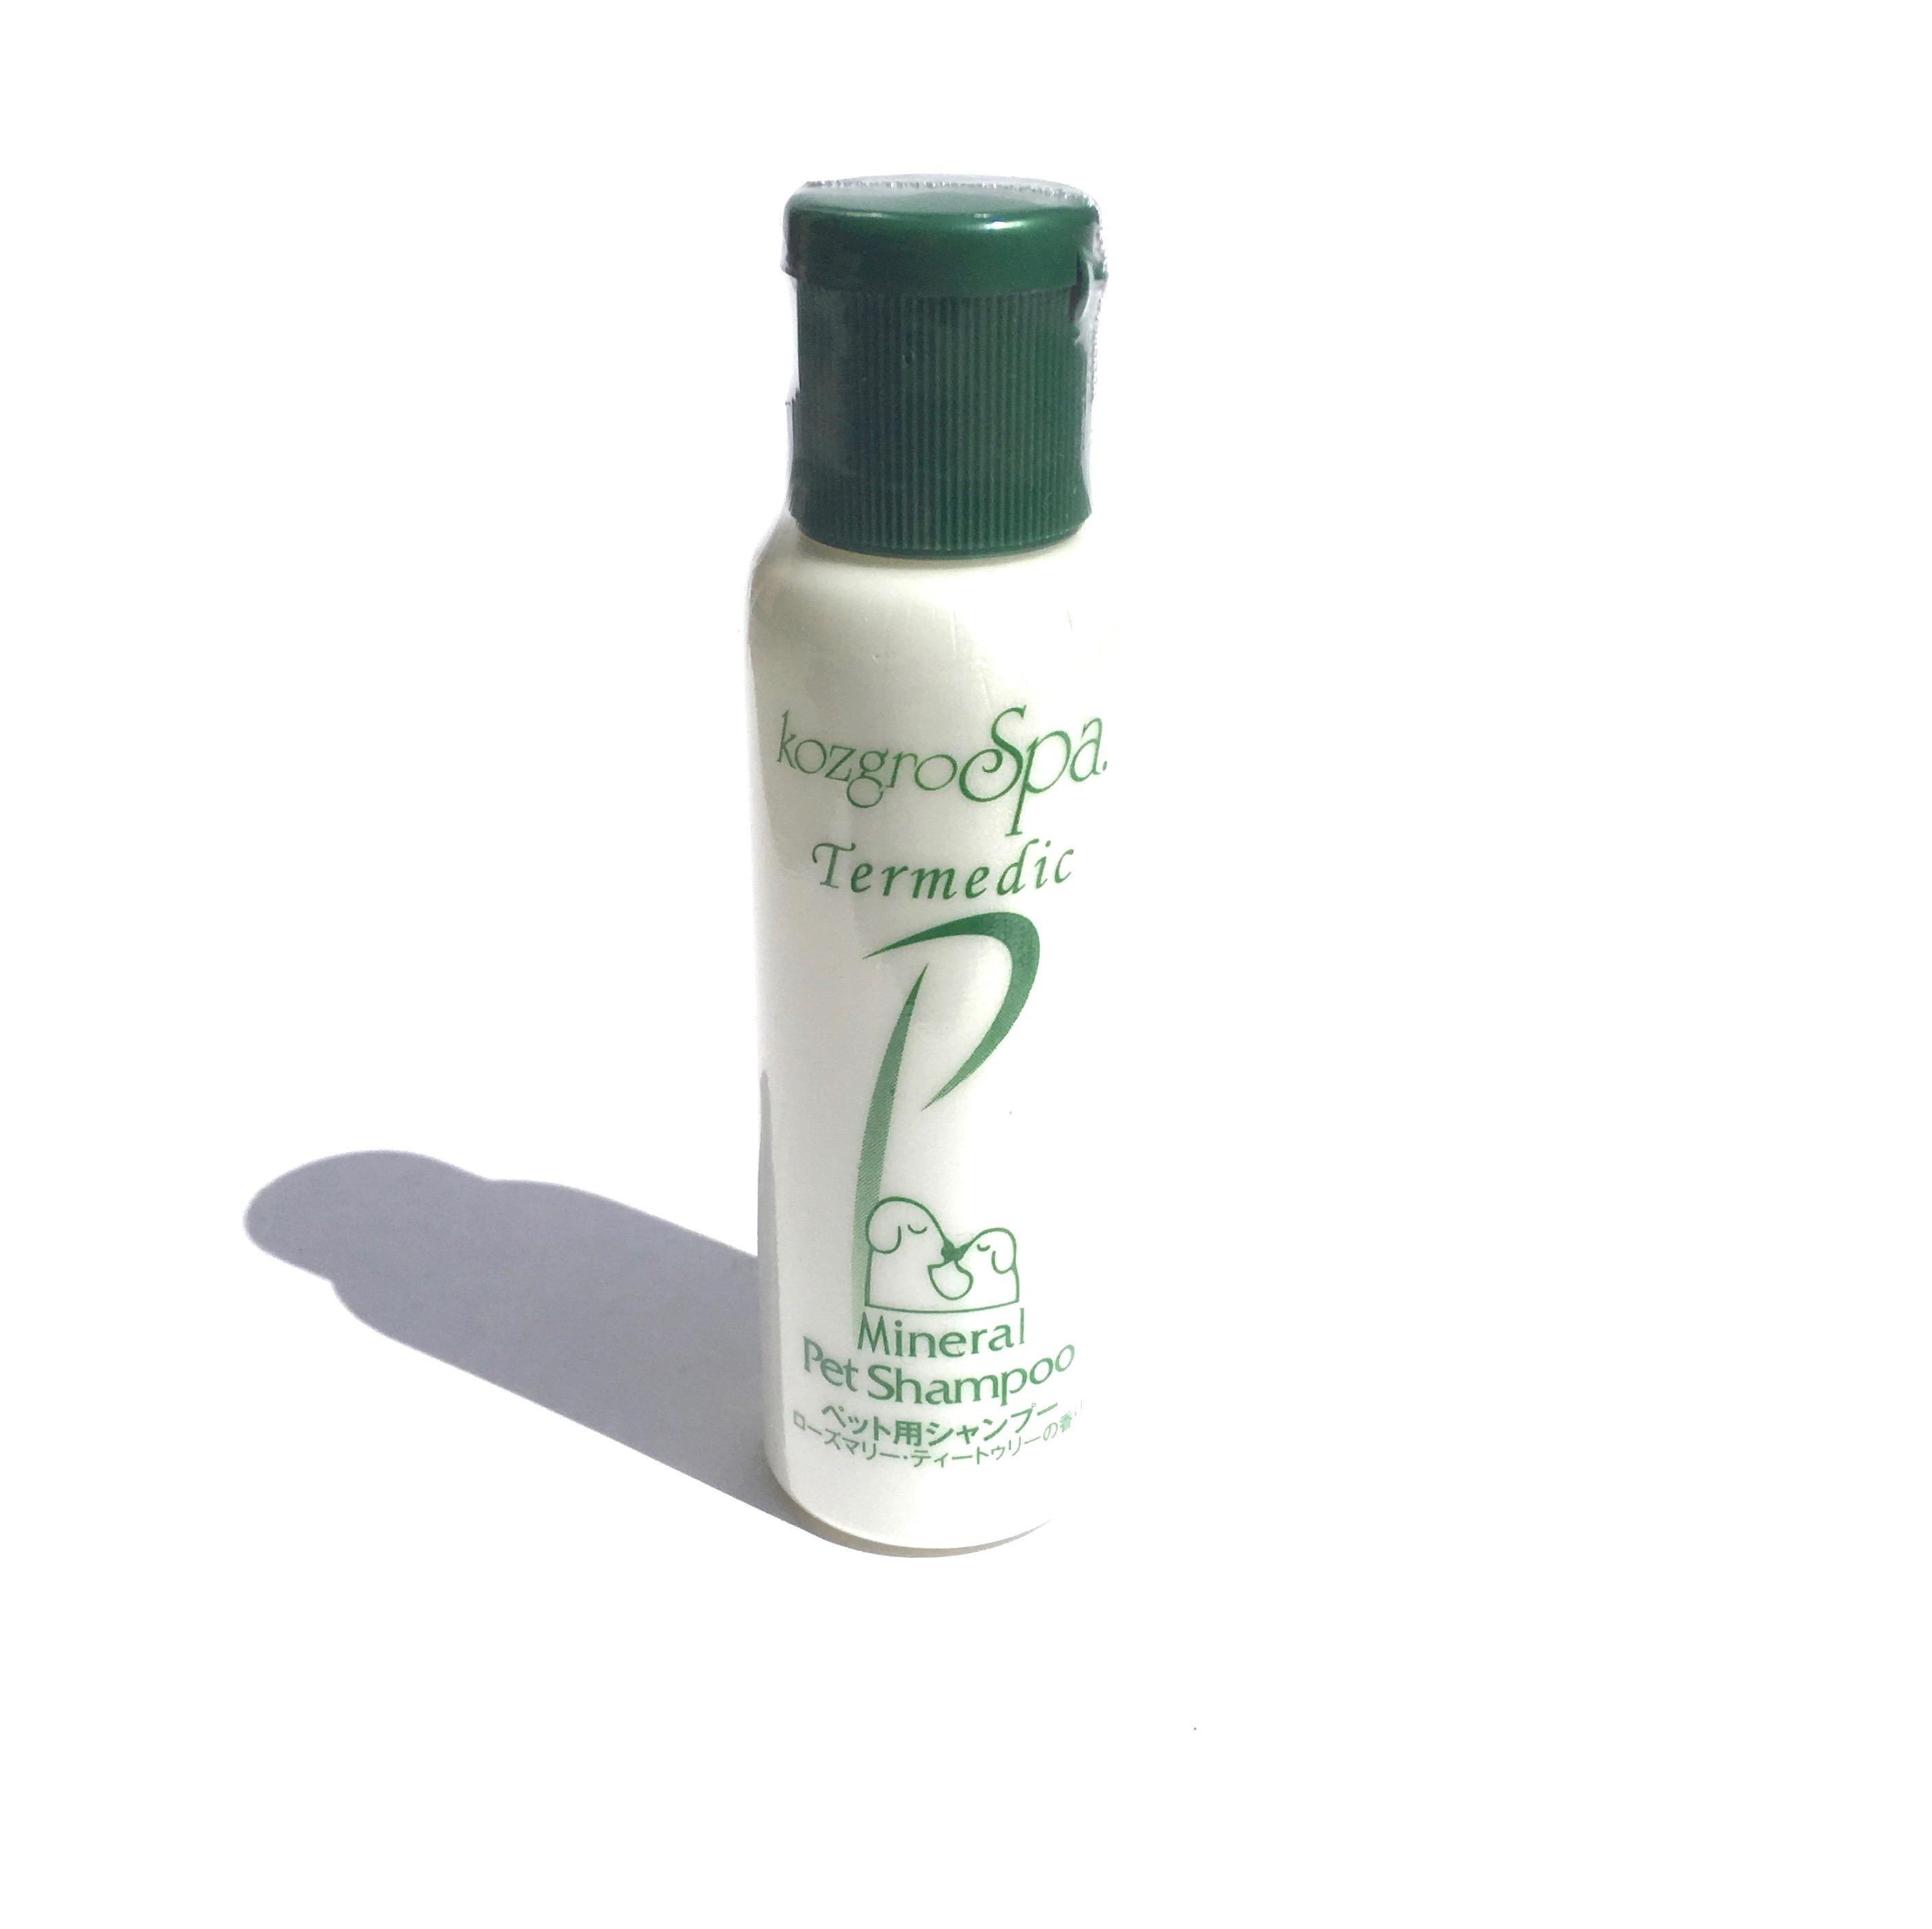 kozgro Spa Termedic Mineral Pet Shampoo  テルメディック ミネラル シャンプー ミニボトル_d0217958_11285999.jpg